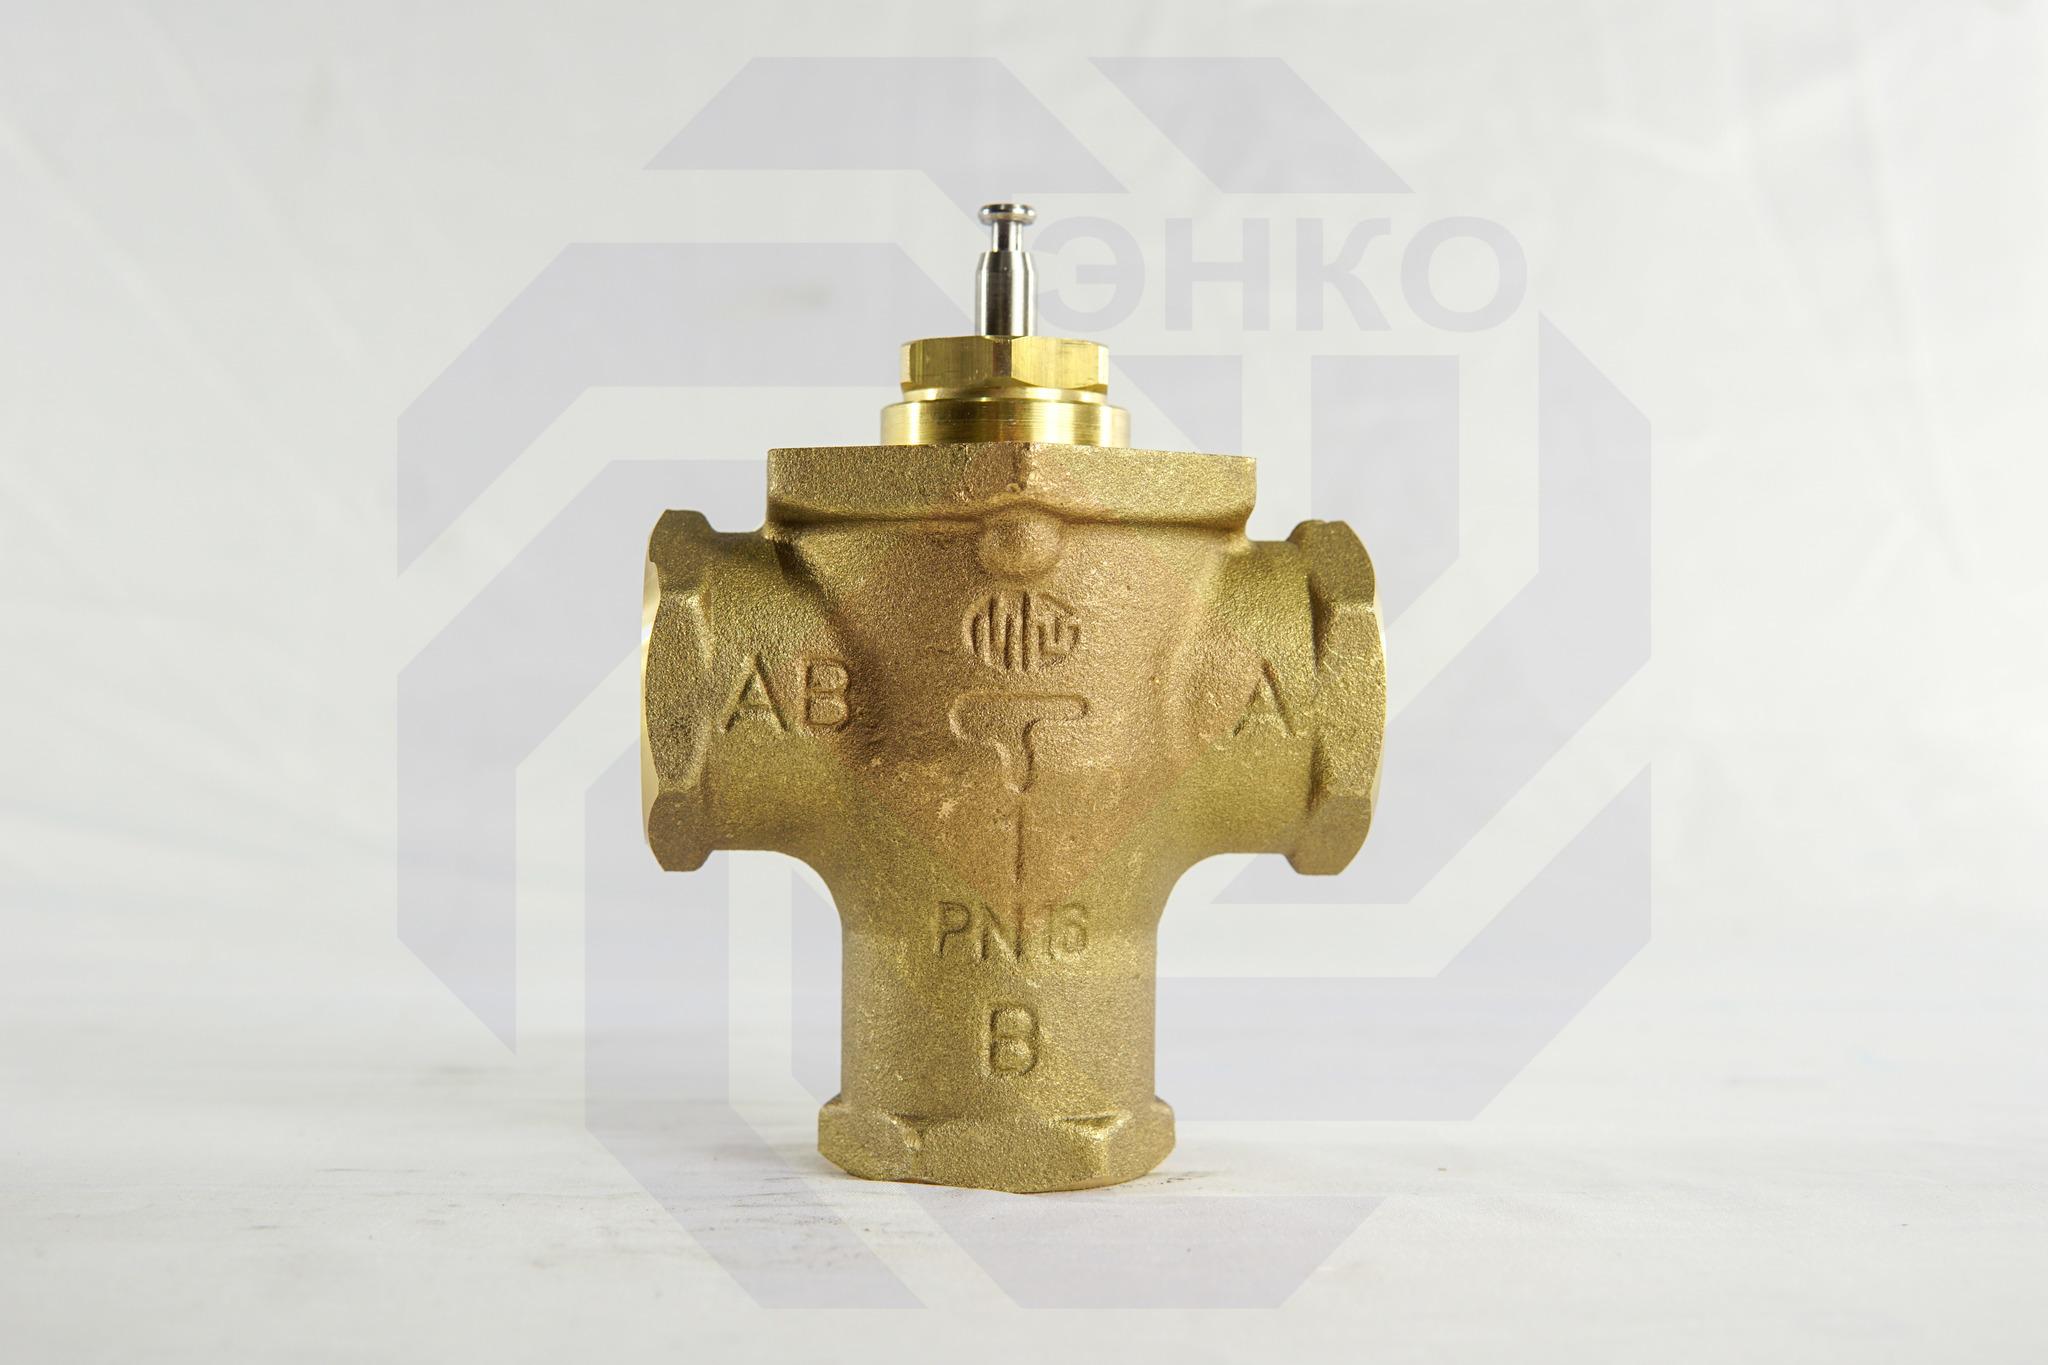 Клапан регулирующий трехходовой MUT MK DN 25